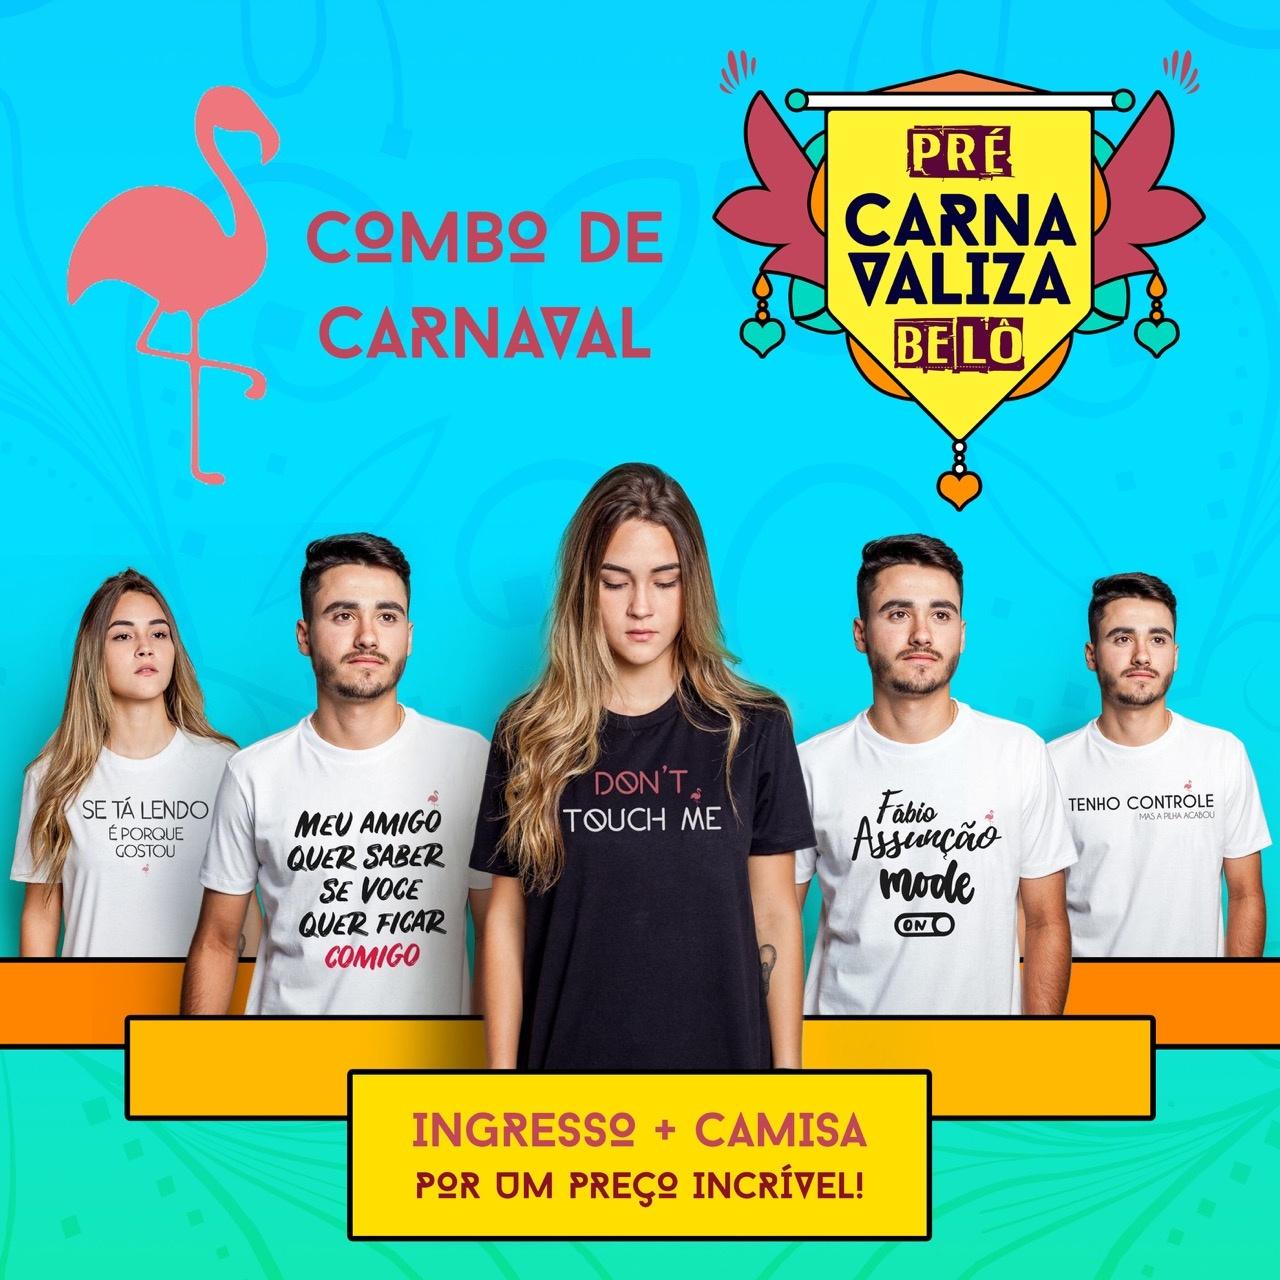 da2c3aba33 Compre seu ingresso + uma camisa com uma estampa incrível da Legado  Camisetas por um preço especial. Escolha a sua estampa